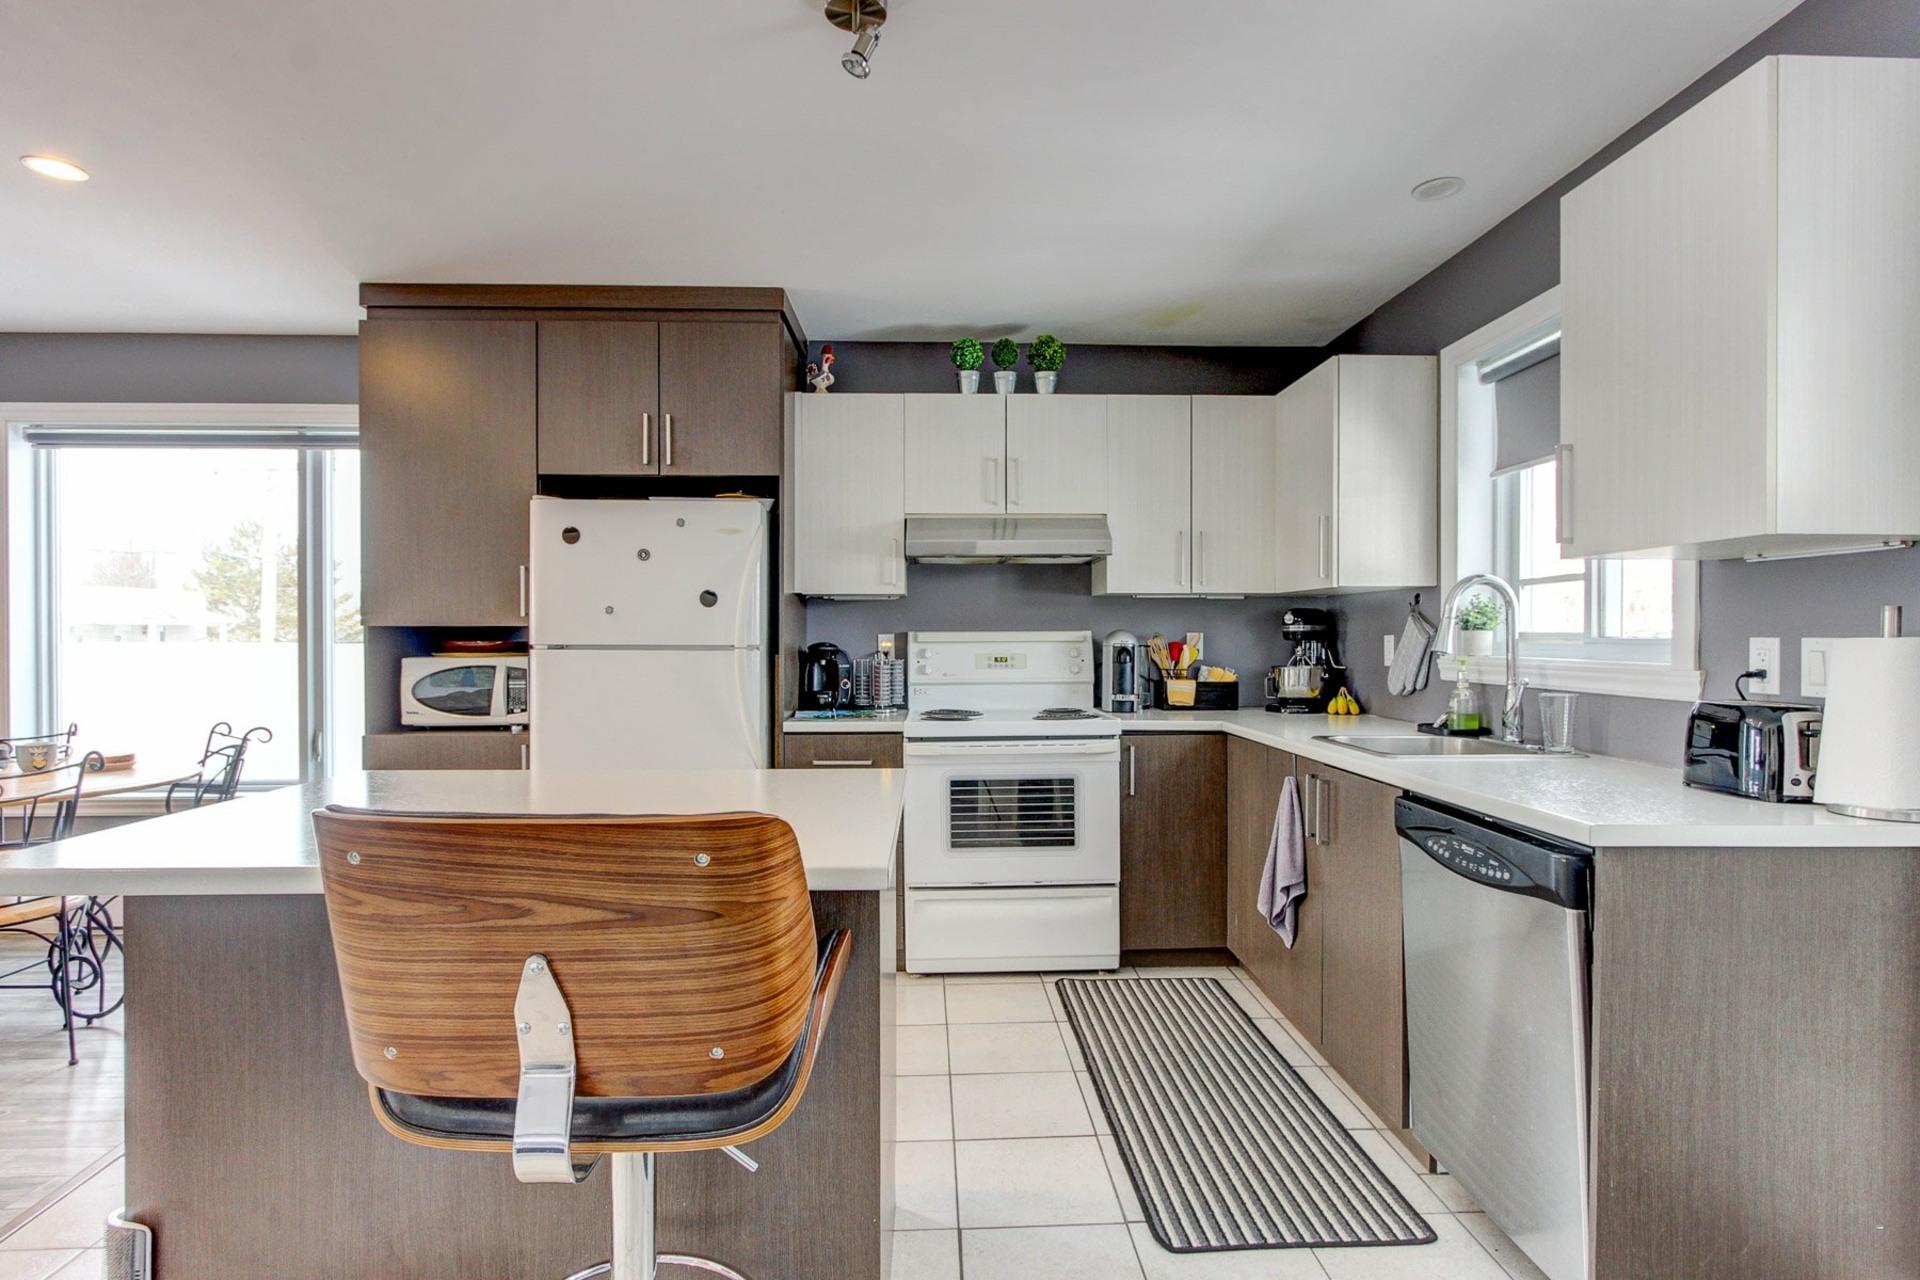 image 6 - Duplex À vendre Trois-Rivières - 8 pièces